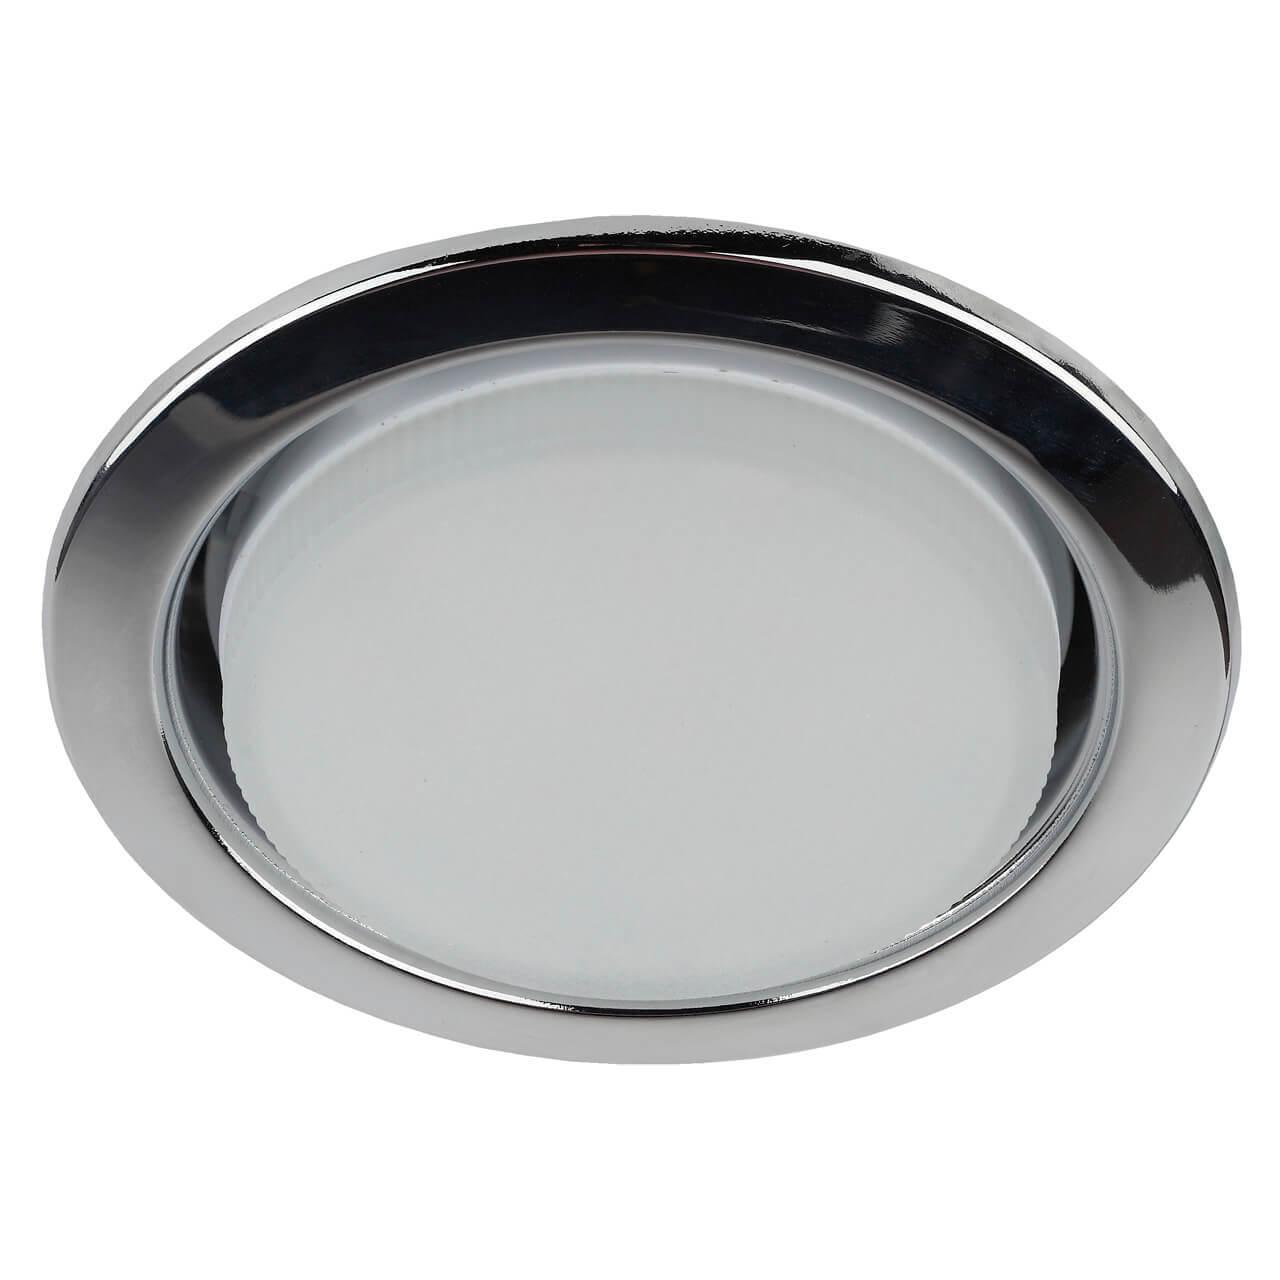 Встраиваемый светильник ЭРА GX53 KL35 CН цены